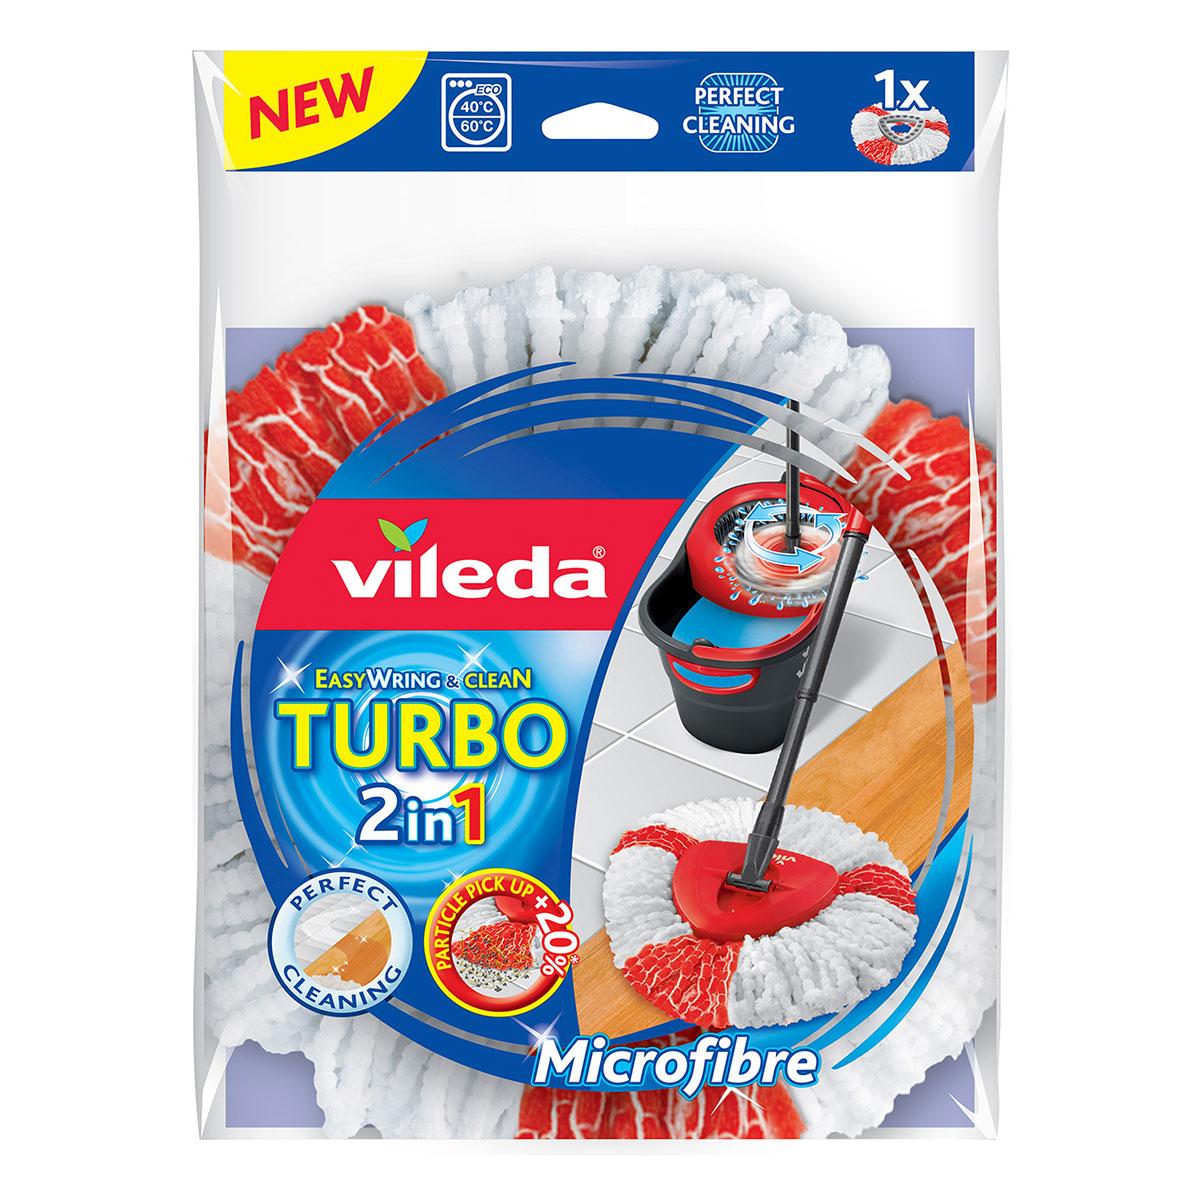 Billede af Vileda microfiberklud - Easy Wring & Clean Turbo